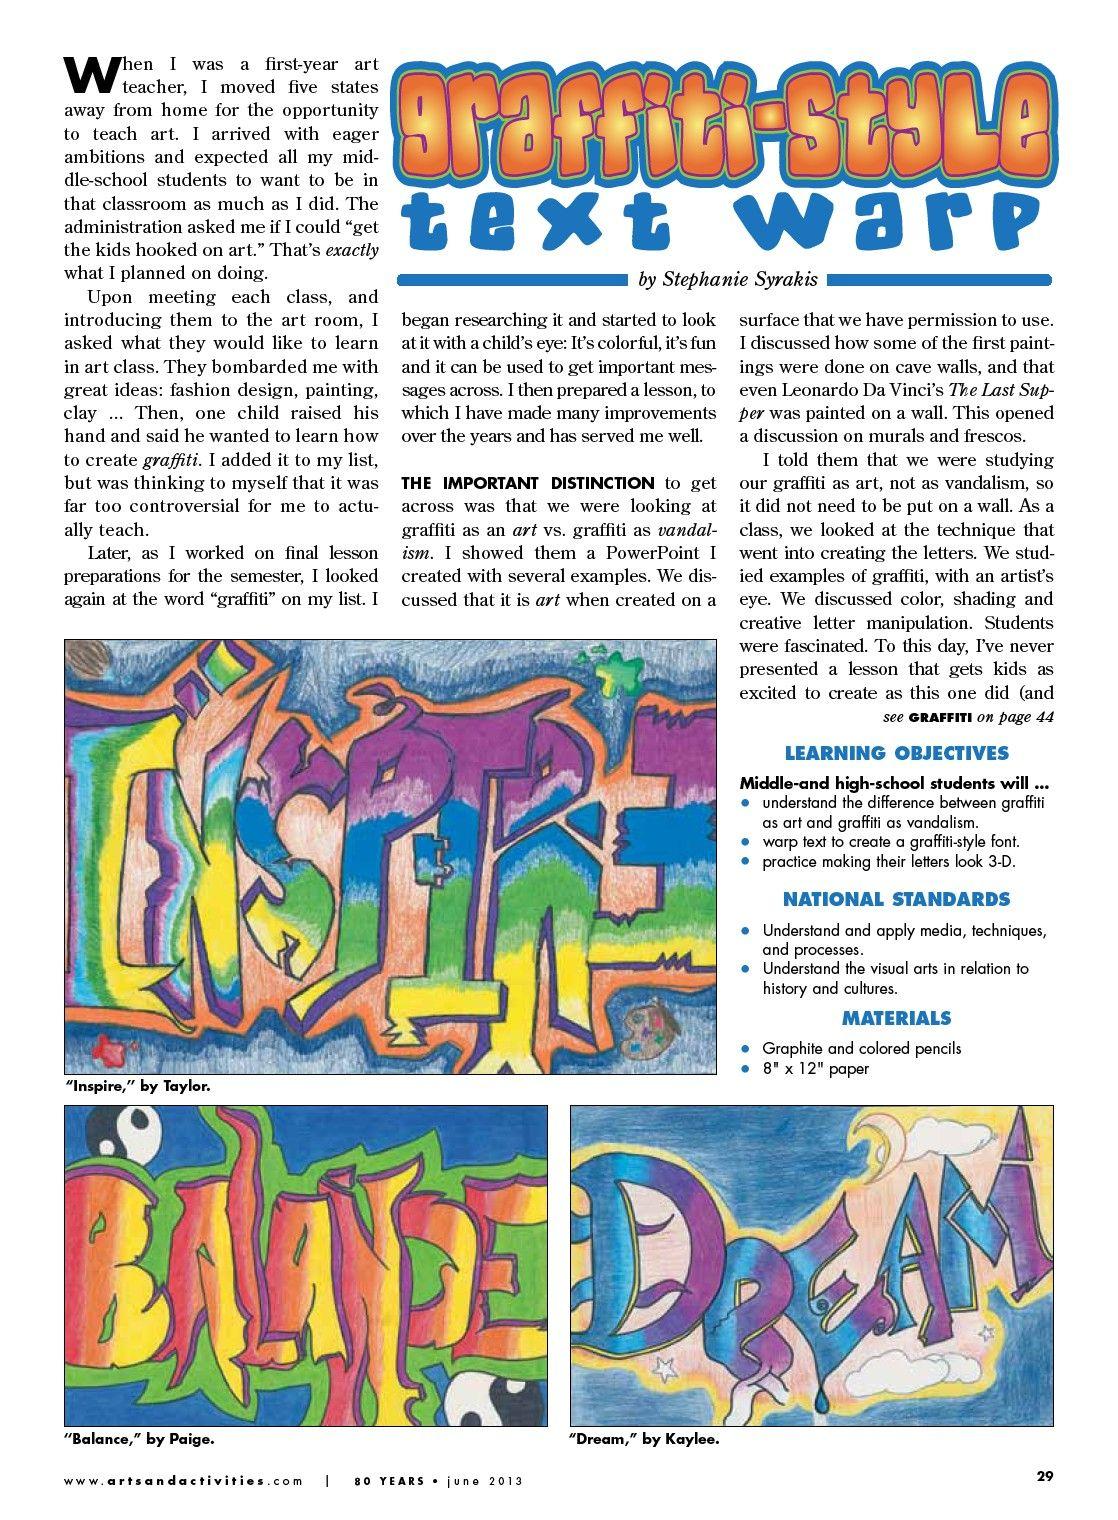 Arts Amp Activities